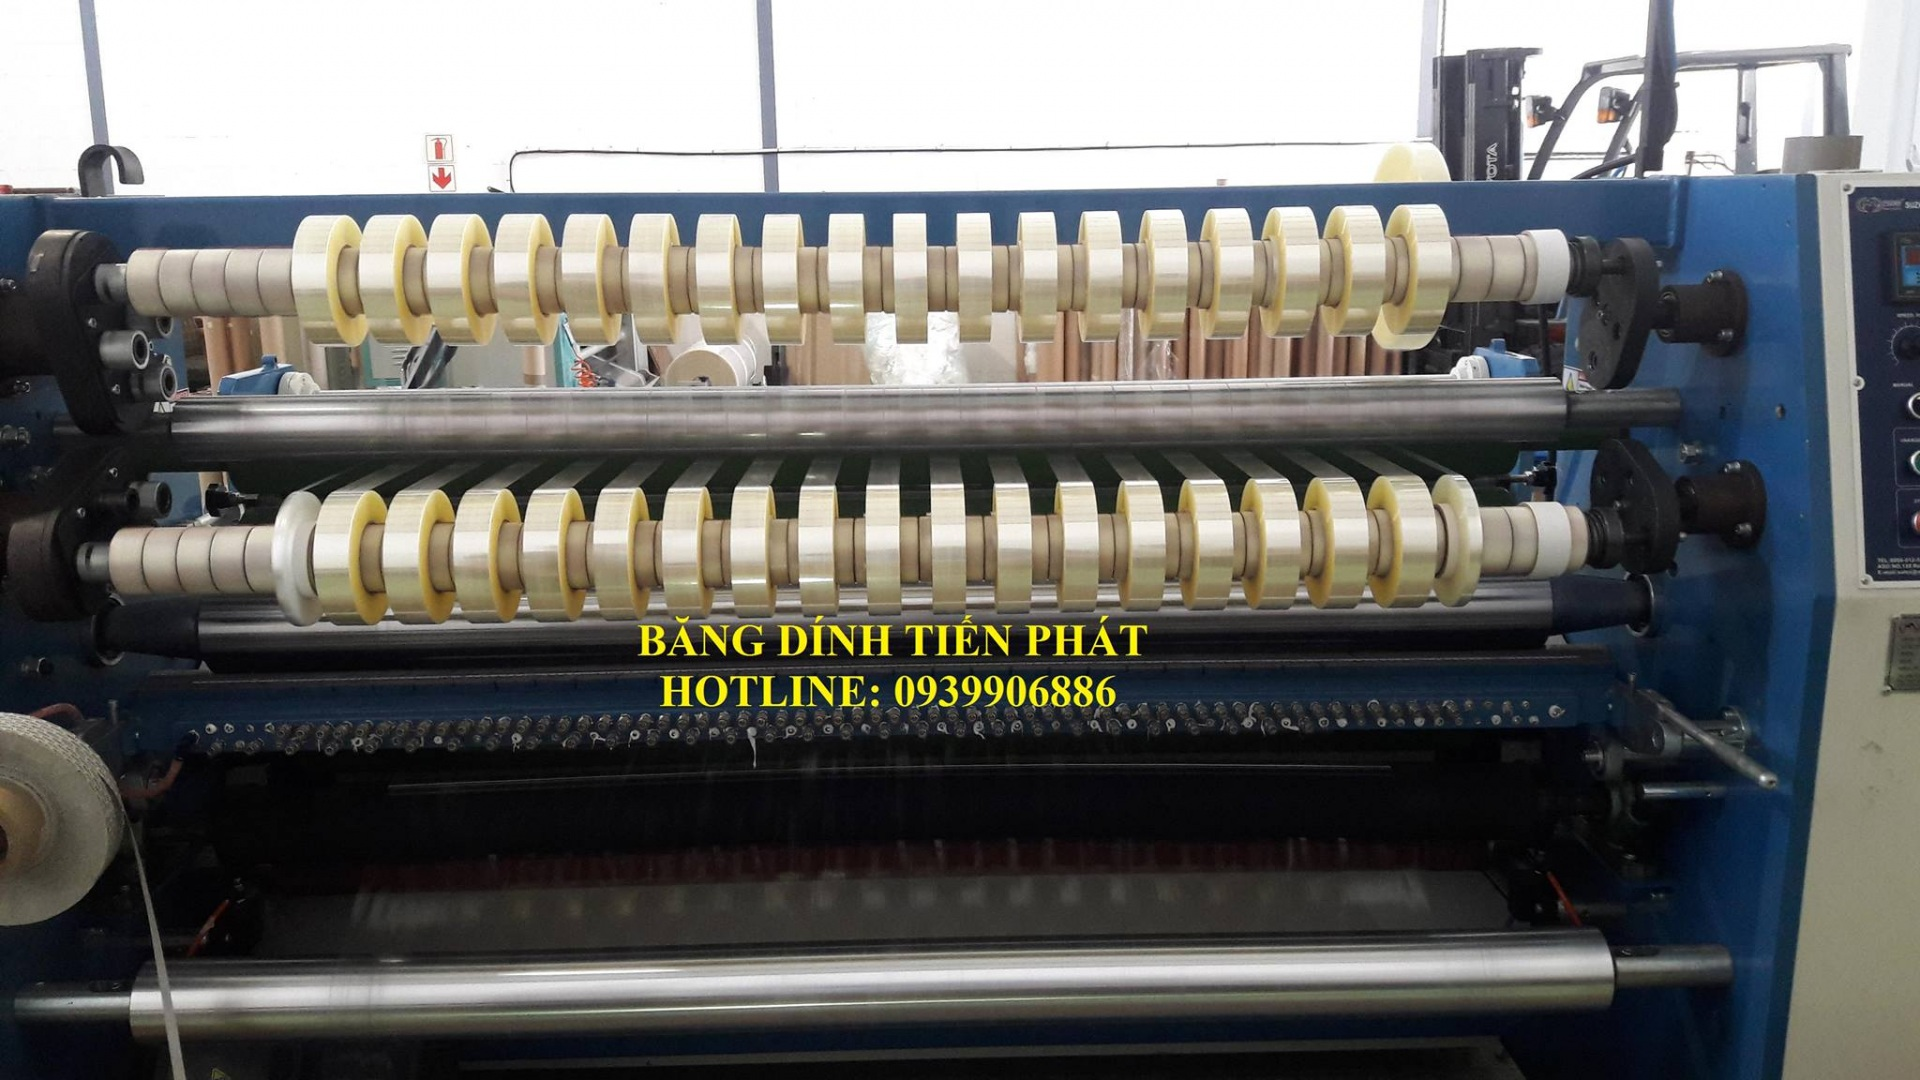 Công nghệ sản xuất băng dính